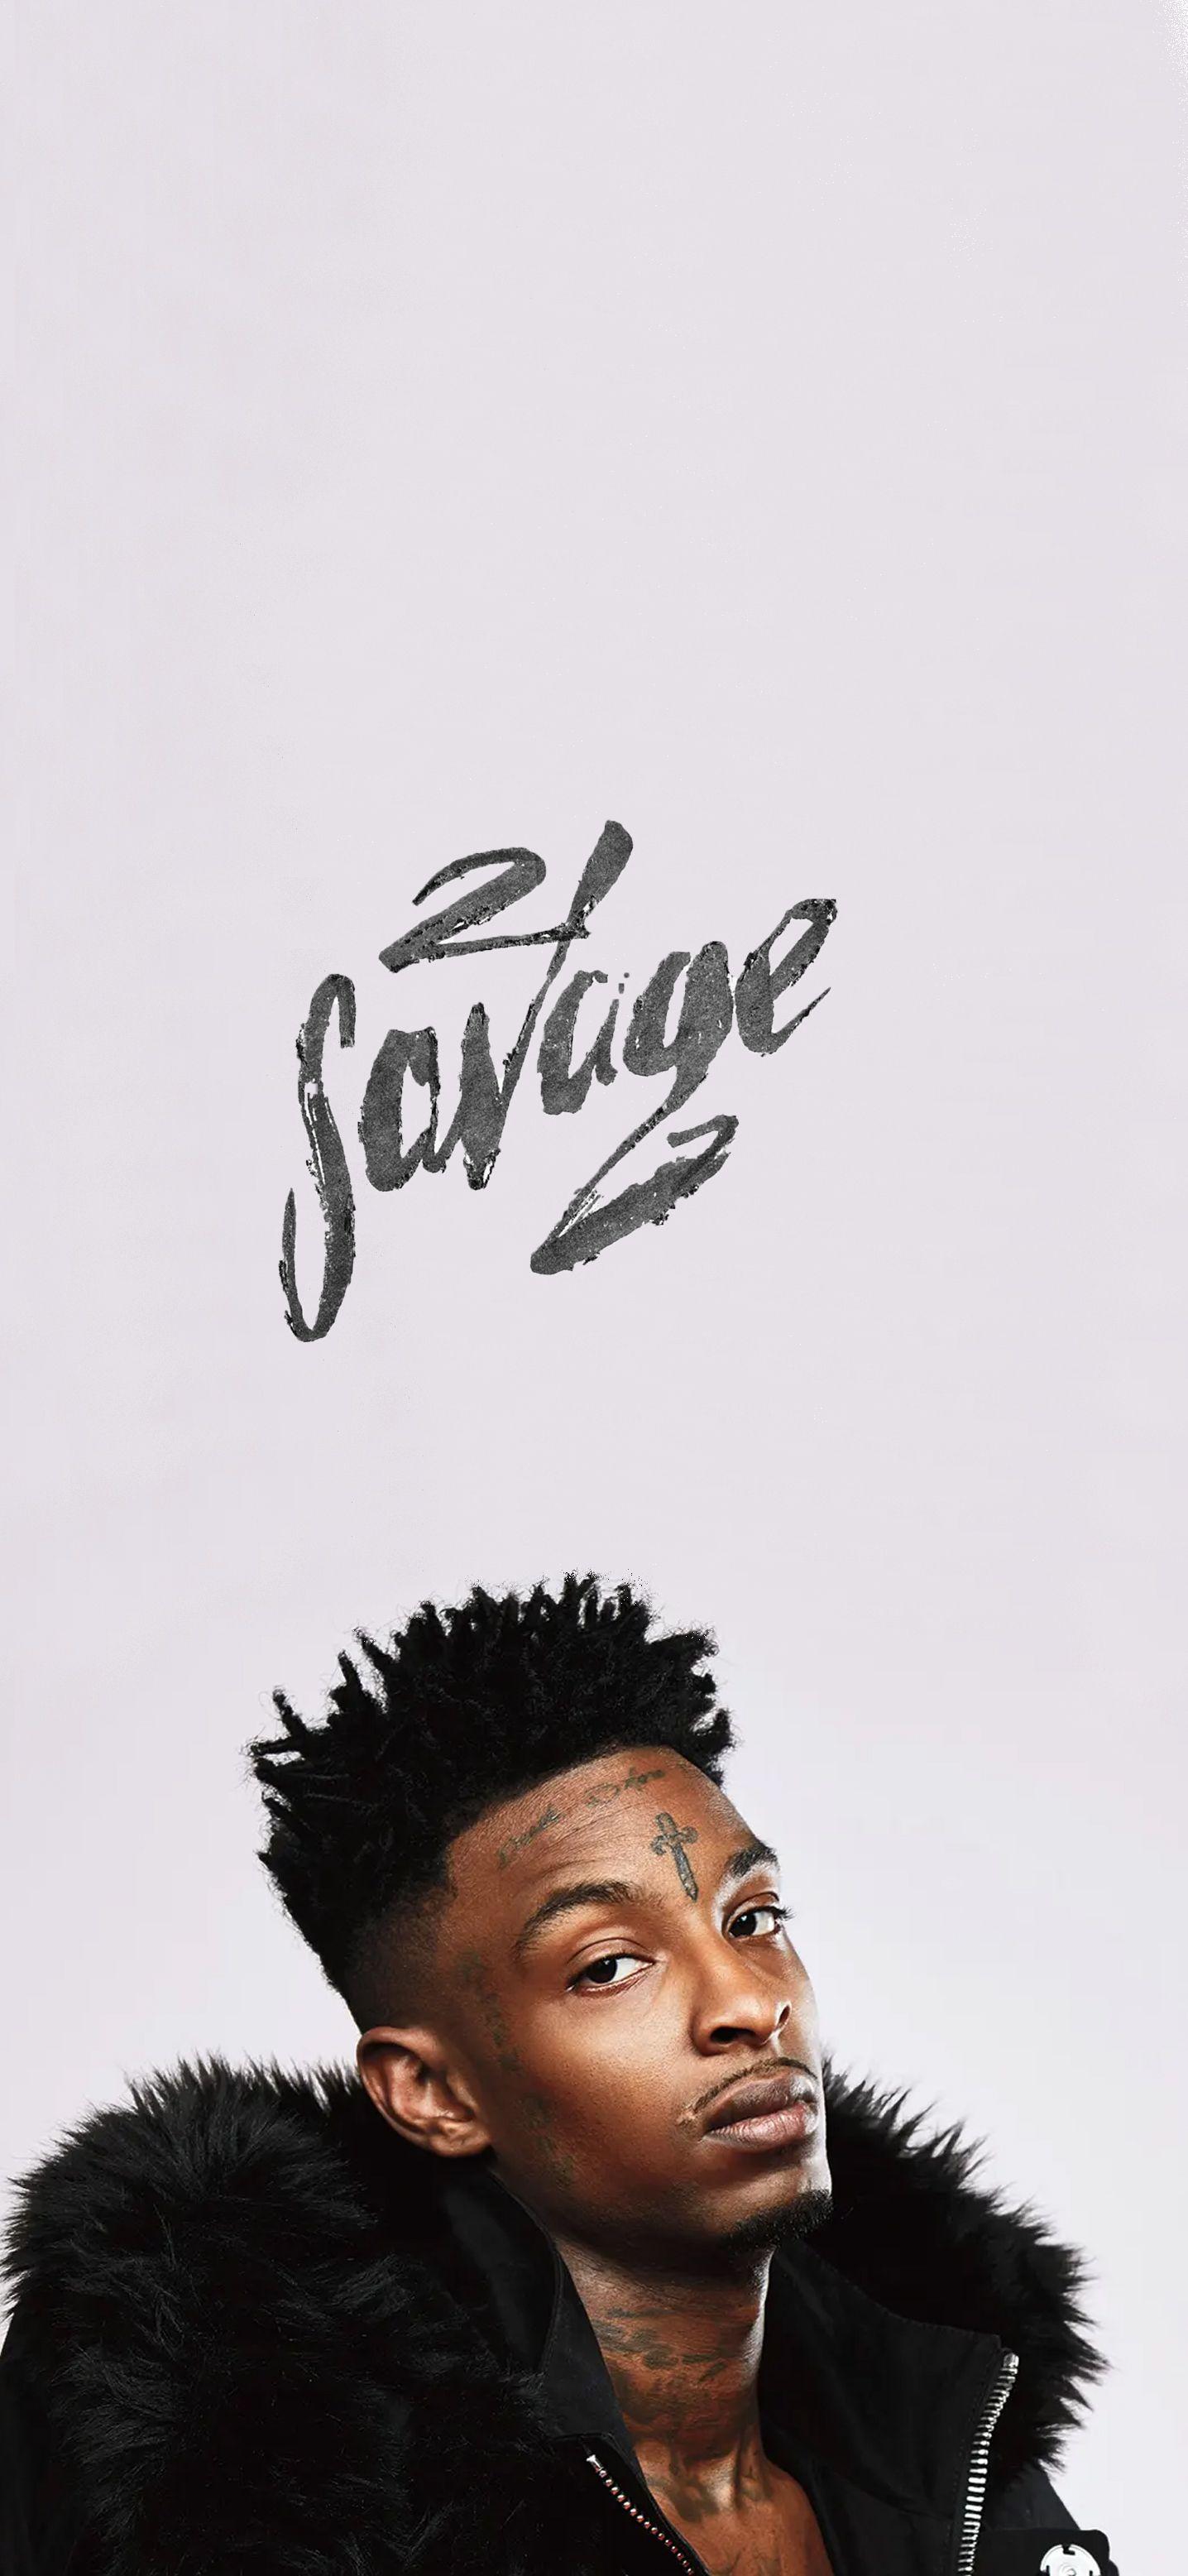 21 Savage Wallpaper Savage Wallpapers 21 Savage 21 Savage Rapper